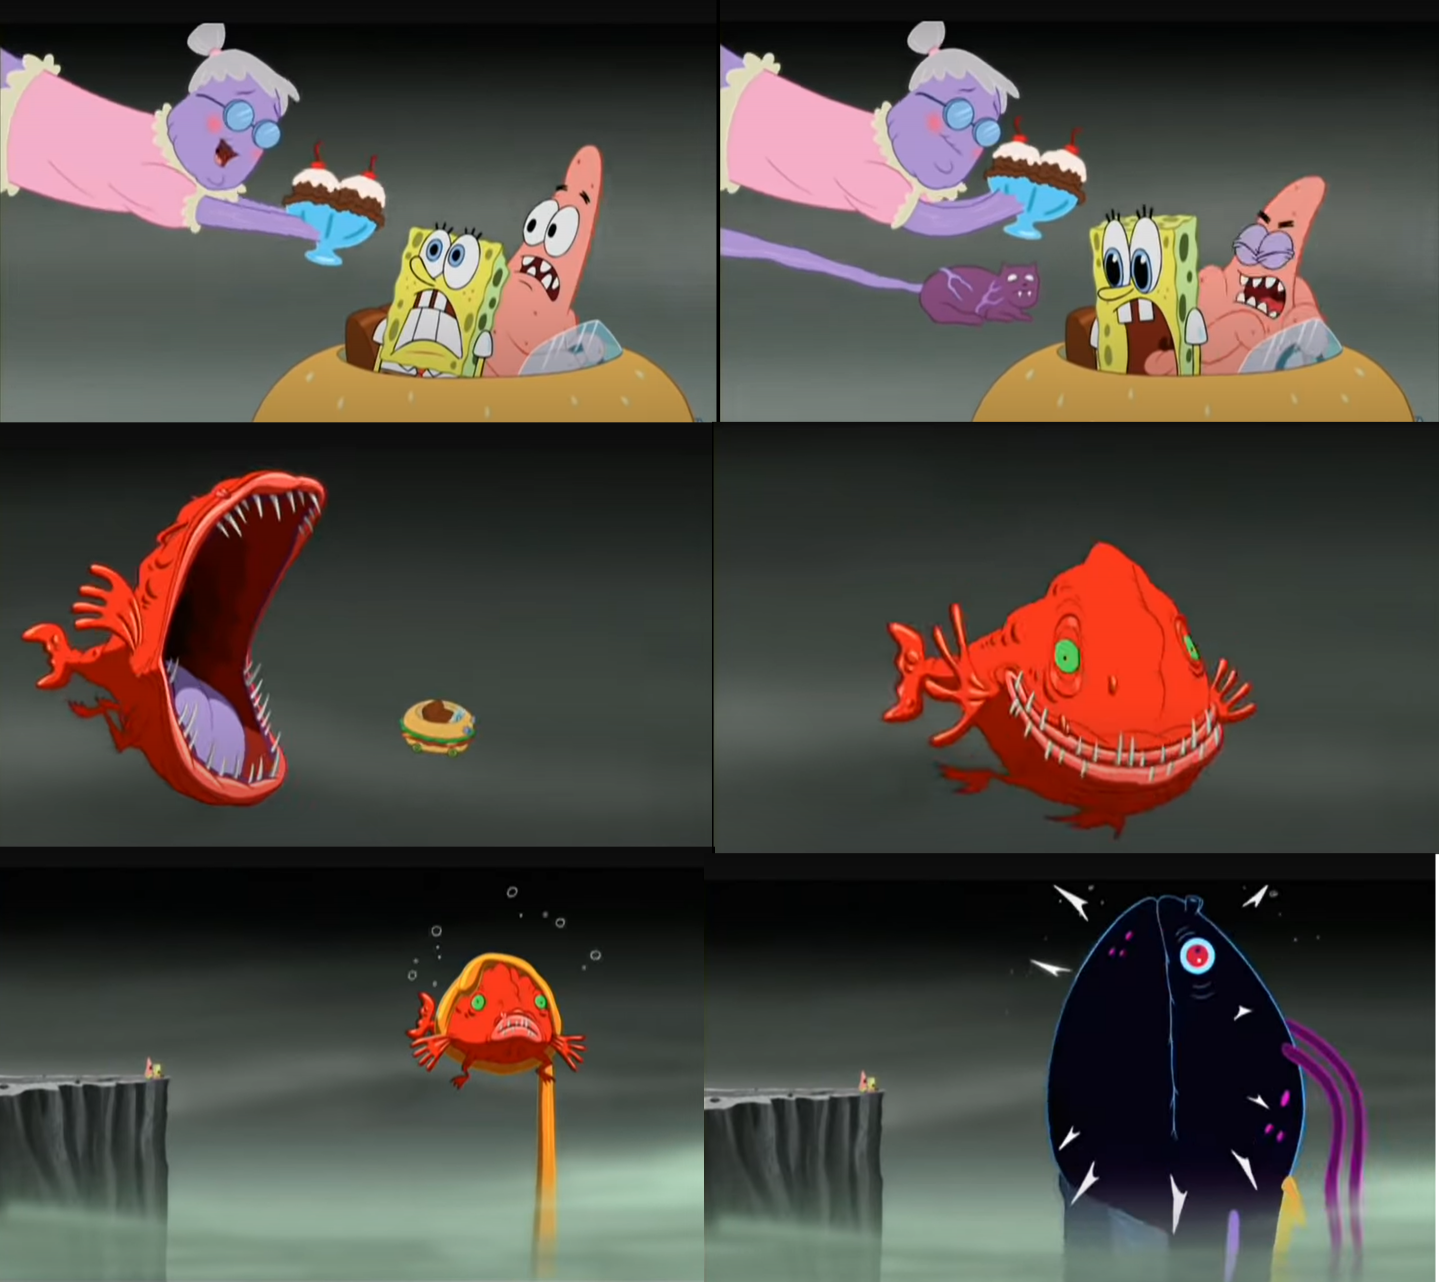 Spongebob Frogfish Memes - Imgflip